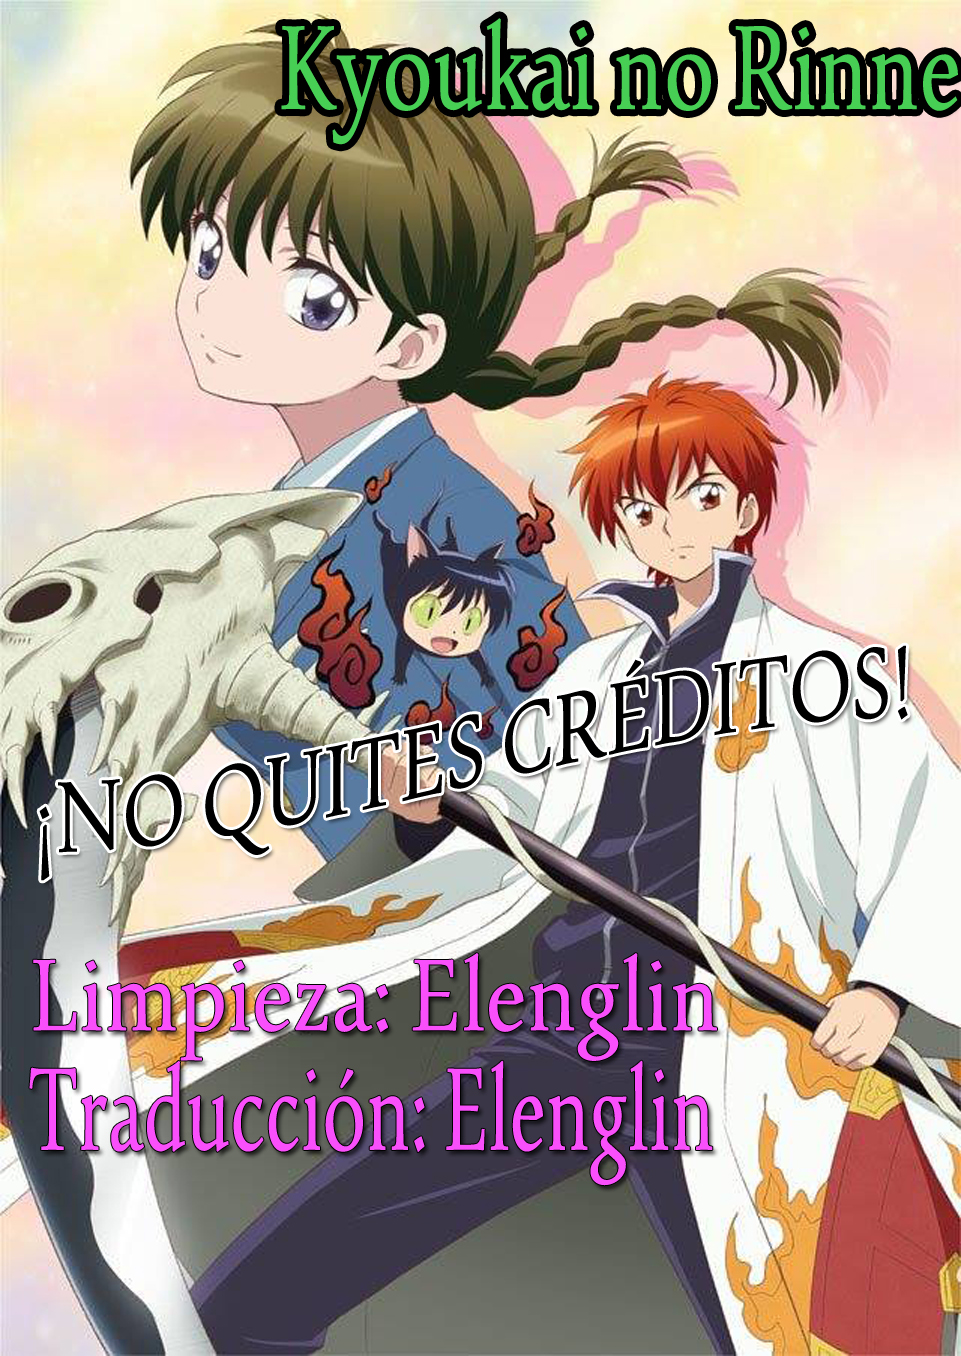 https://c5.ninemanga.com/es_manga/33/609/381575/5c55b47eebd2f6b24d90567ee8606a4b.jpg Page 2